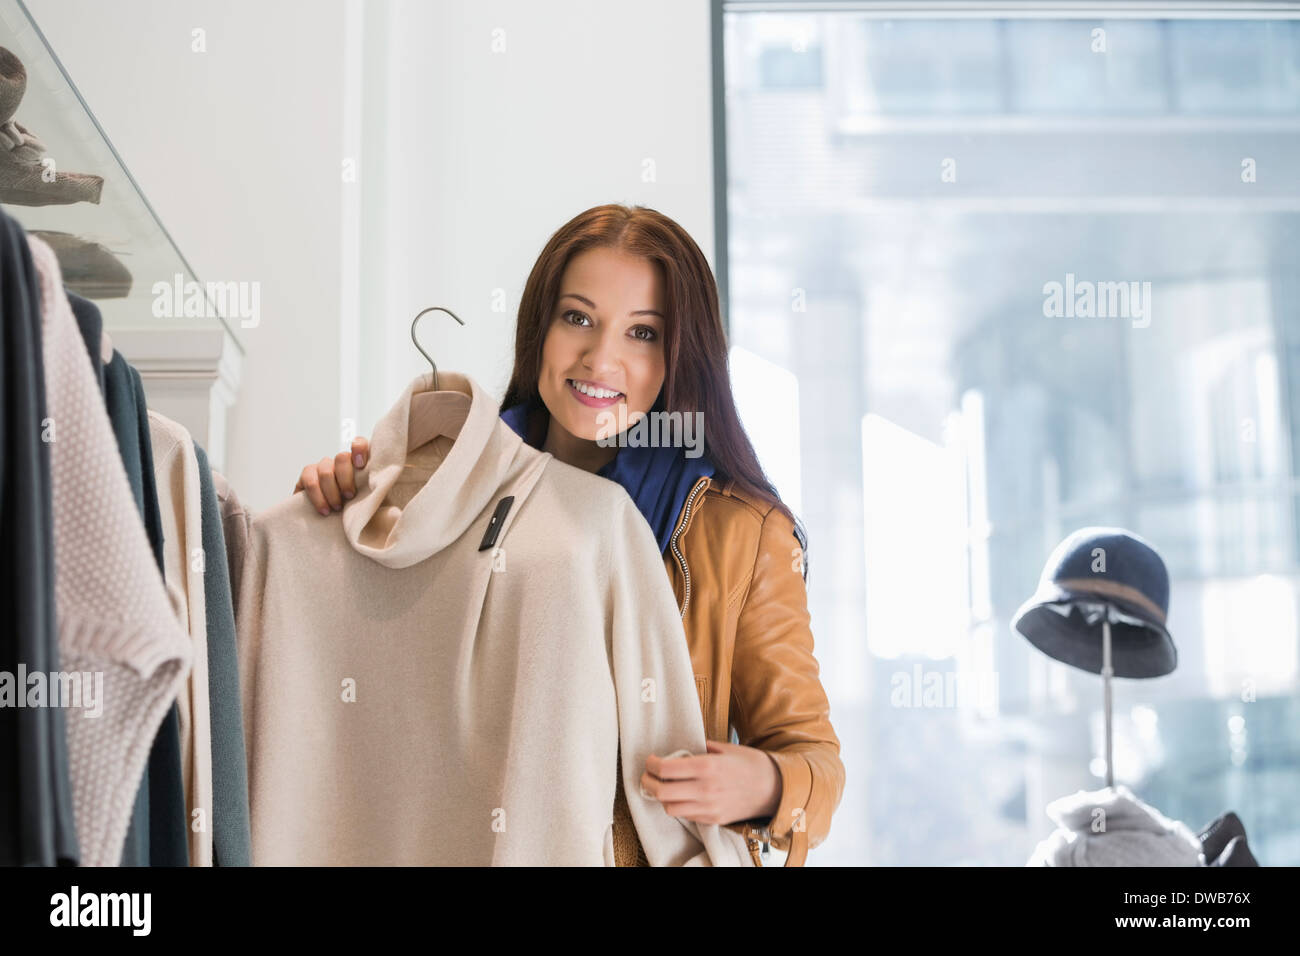 Retrato de mujer joven elegir suéter en la tienda Imagen De Stock